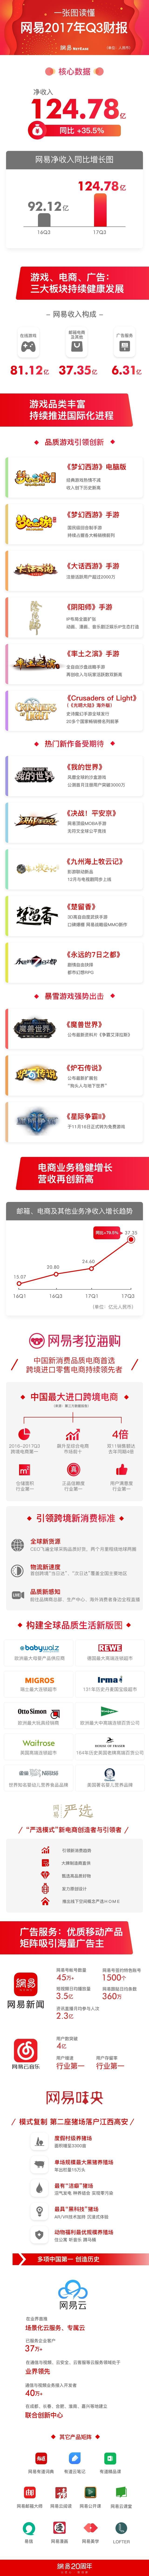 网易Q3净收入为124.8亿同比增35.5% 净利25.3亿